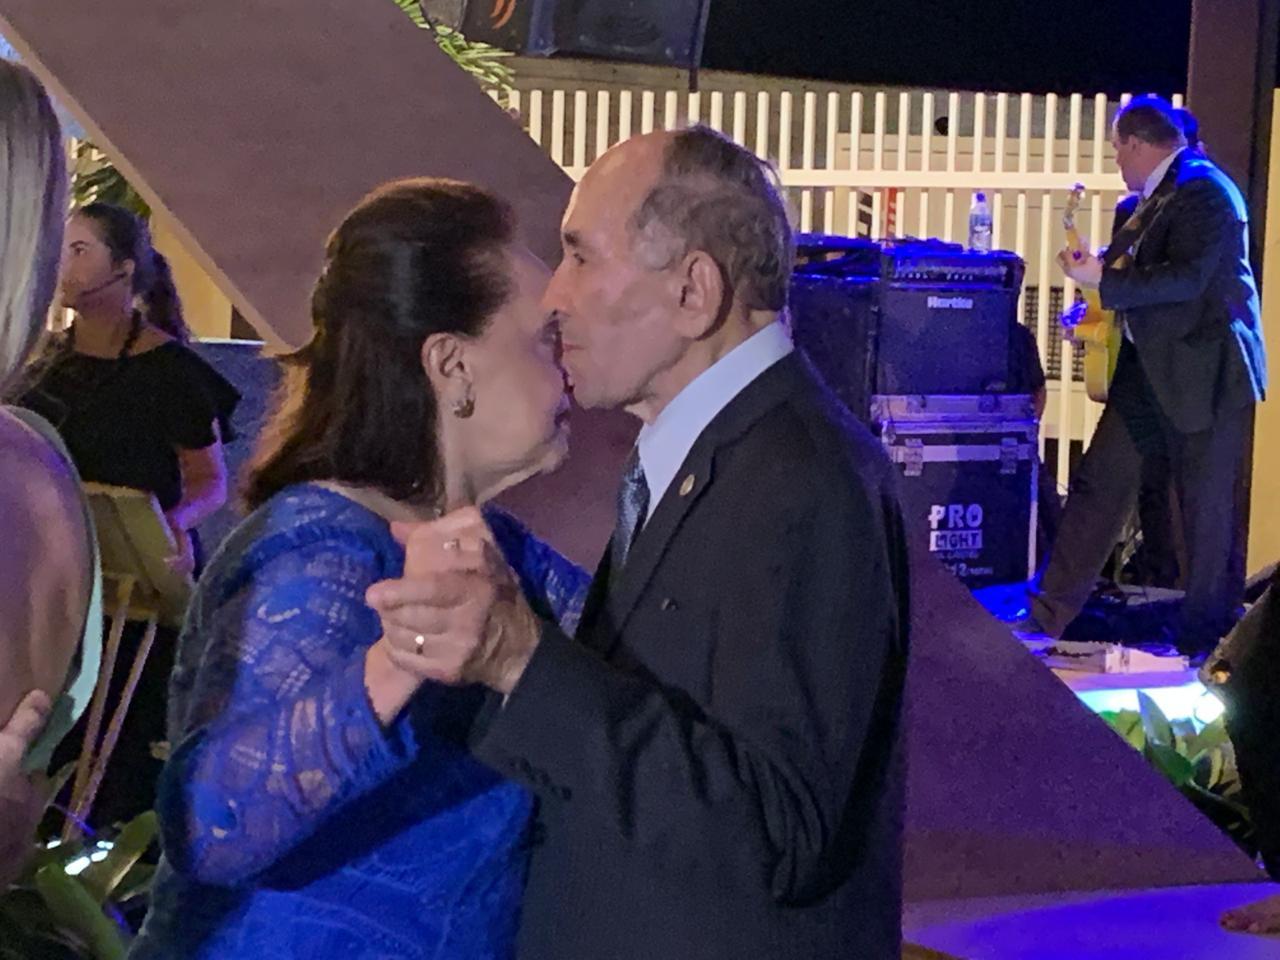 WhatsApp Image 2019 09 22 at 10.04.39 3 - Políticos e empresários comemoram os 90 anos de Zé Cavalcanti, em Cajazeiras - VEJA FOTOS E VÍDEOS